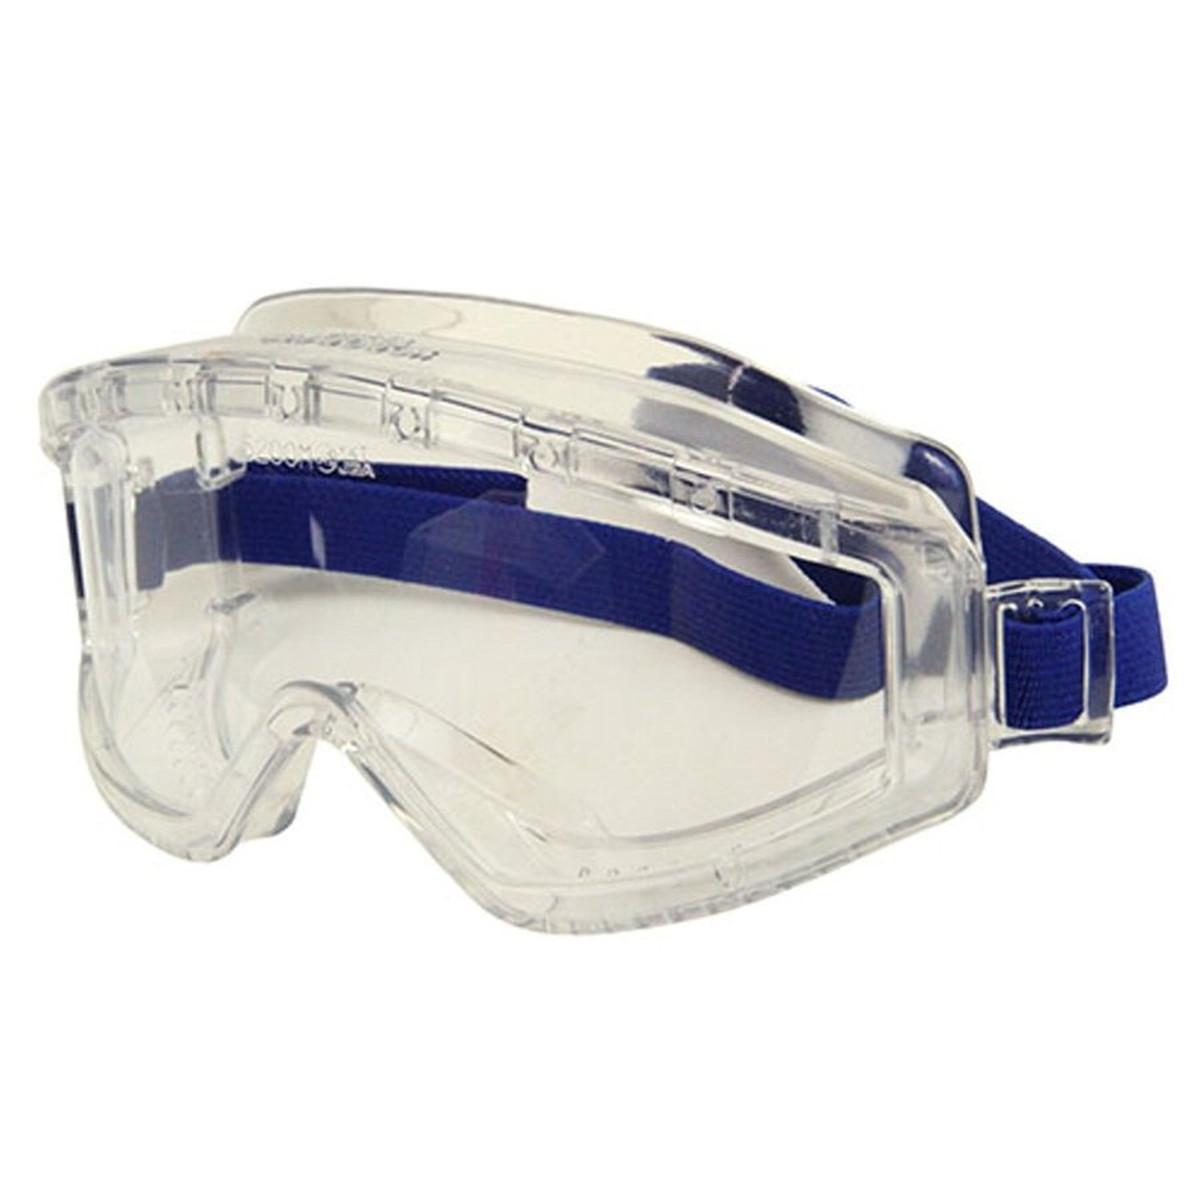 合計1万円以上で送料無料 10%OFF 注目ブランド 離島 沖縄除く SK11 ワイドレンズ採用 セフティゴーグル 眼鏡の上から掛けられる DG-21